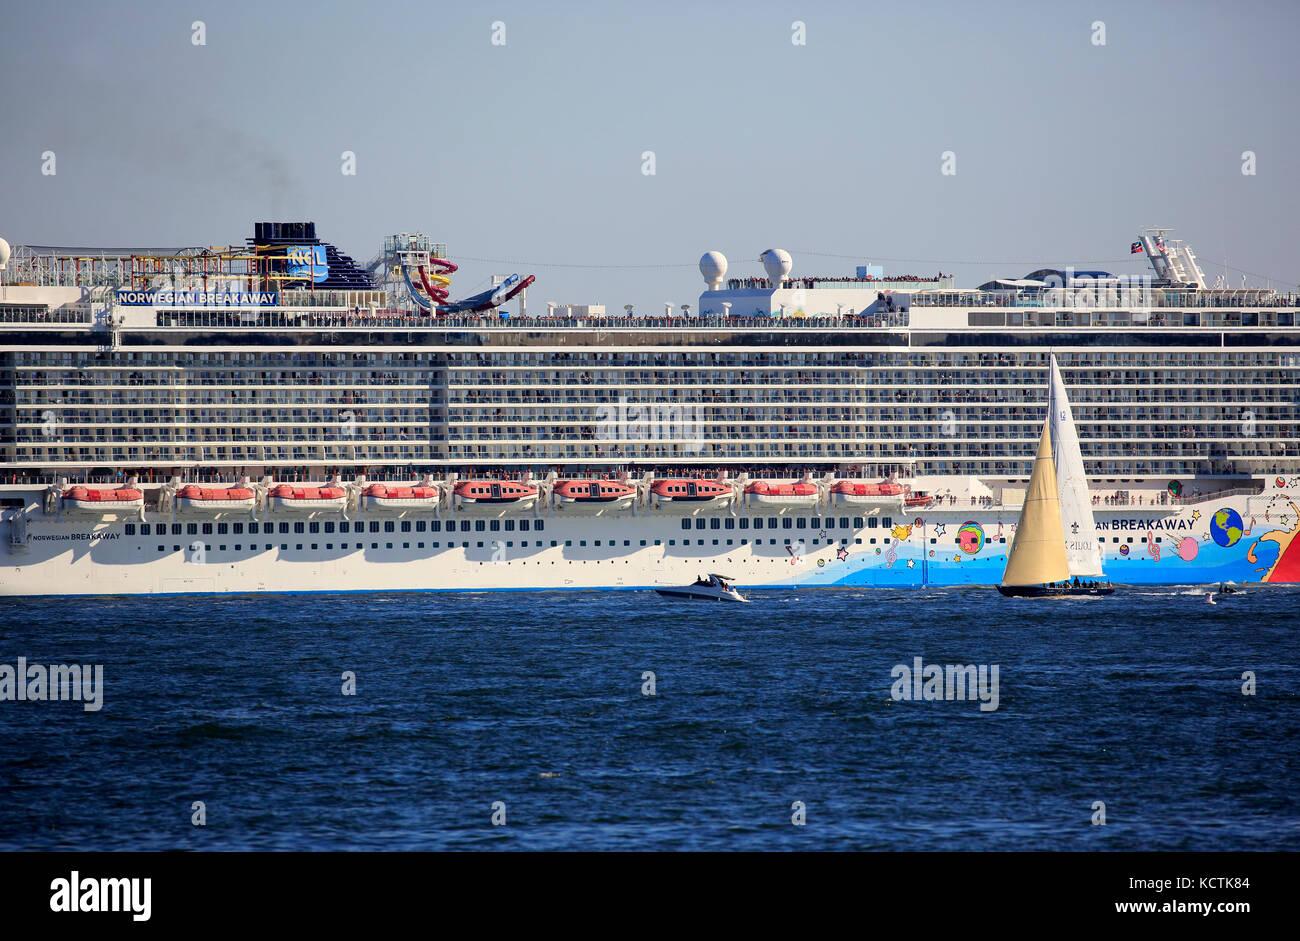 Norwegian breakaway bateau de croisière dans la rivière Hudson avec voilier en premier plan.new york city.usa Photo Stock